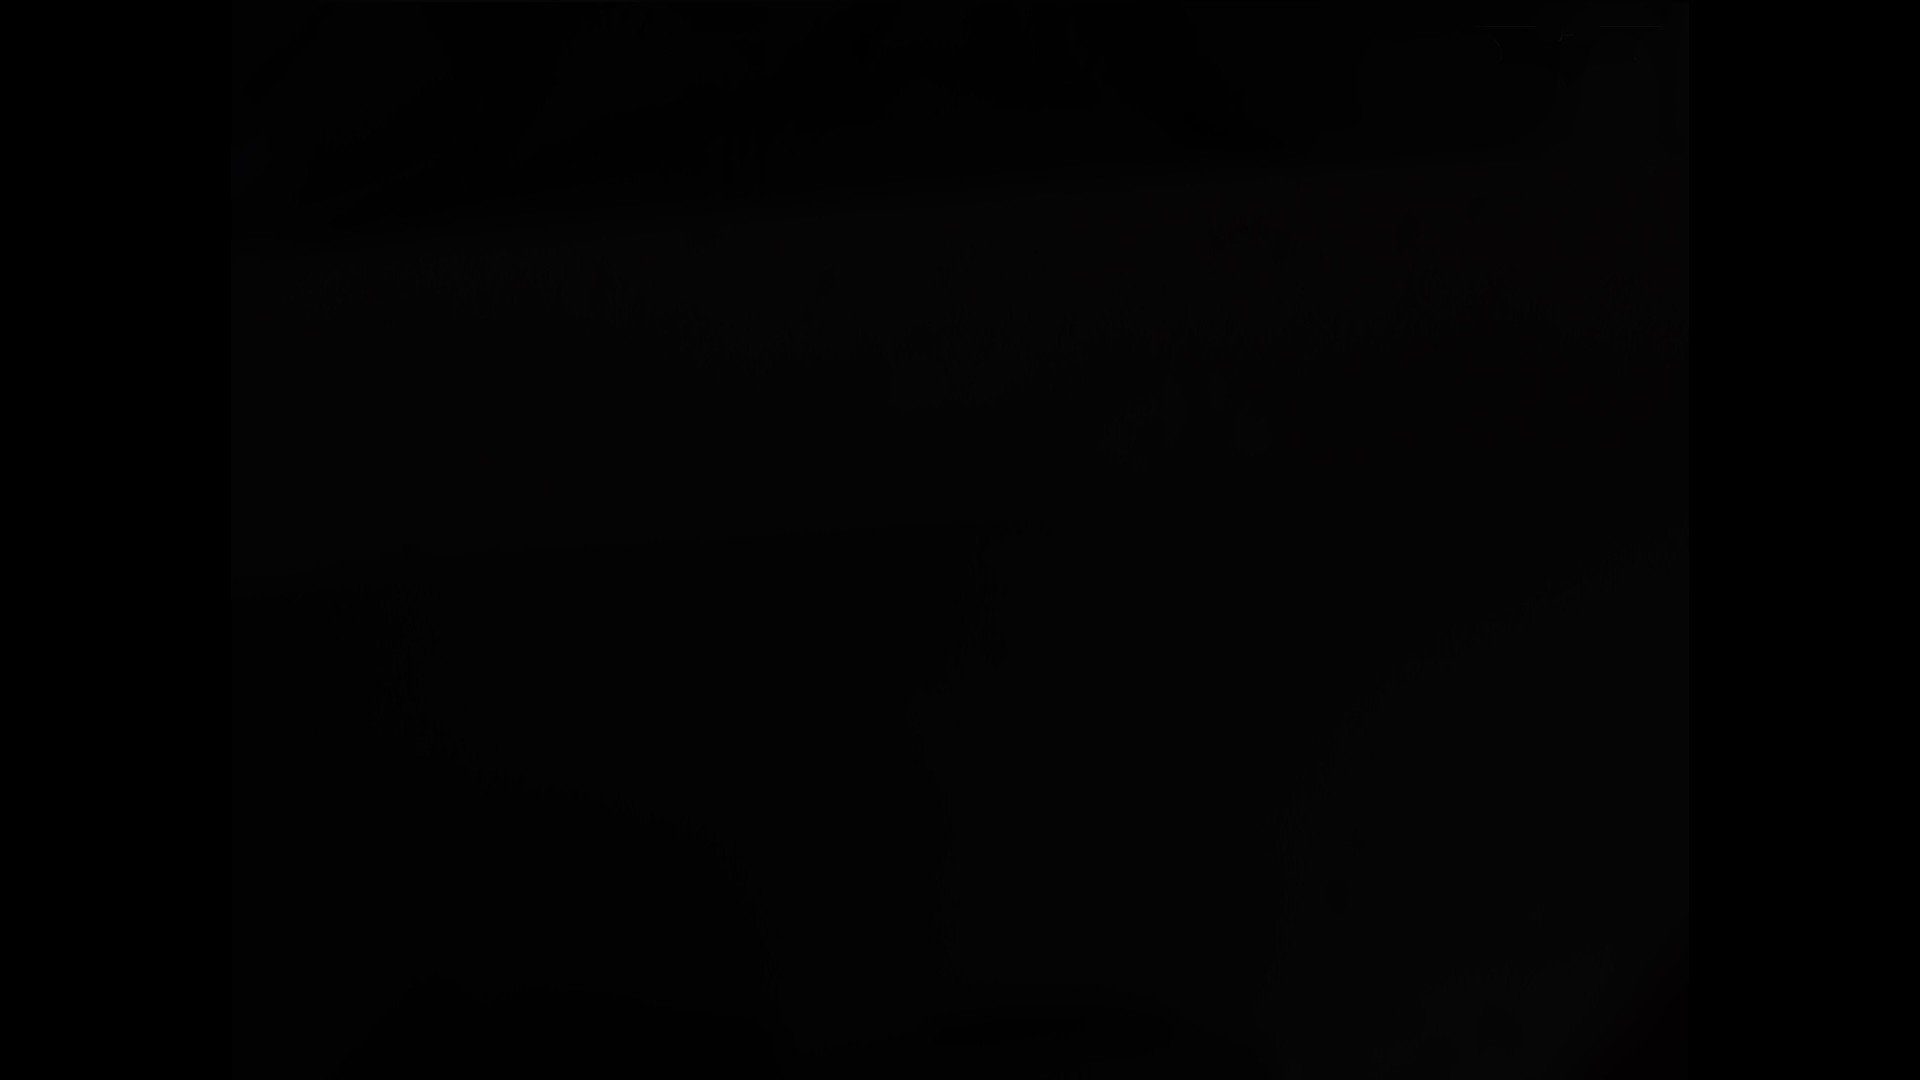 めくれあがった肛monから 期間限定神キタ!ツルピカの放nyo!Vol.10 むっちりガール エロ無料画像 109枚 69